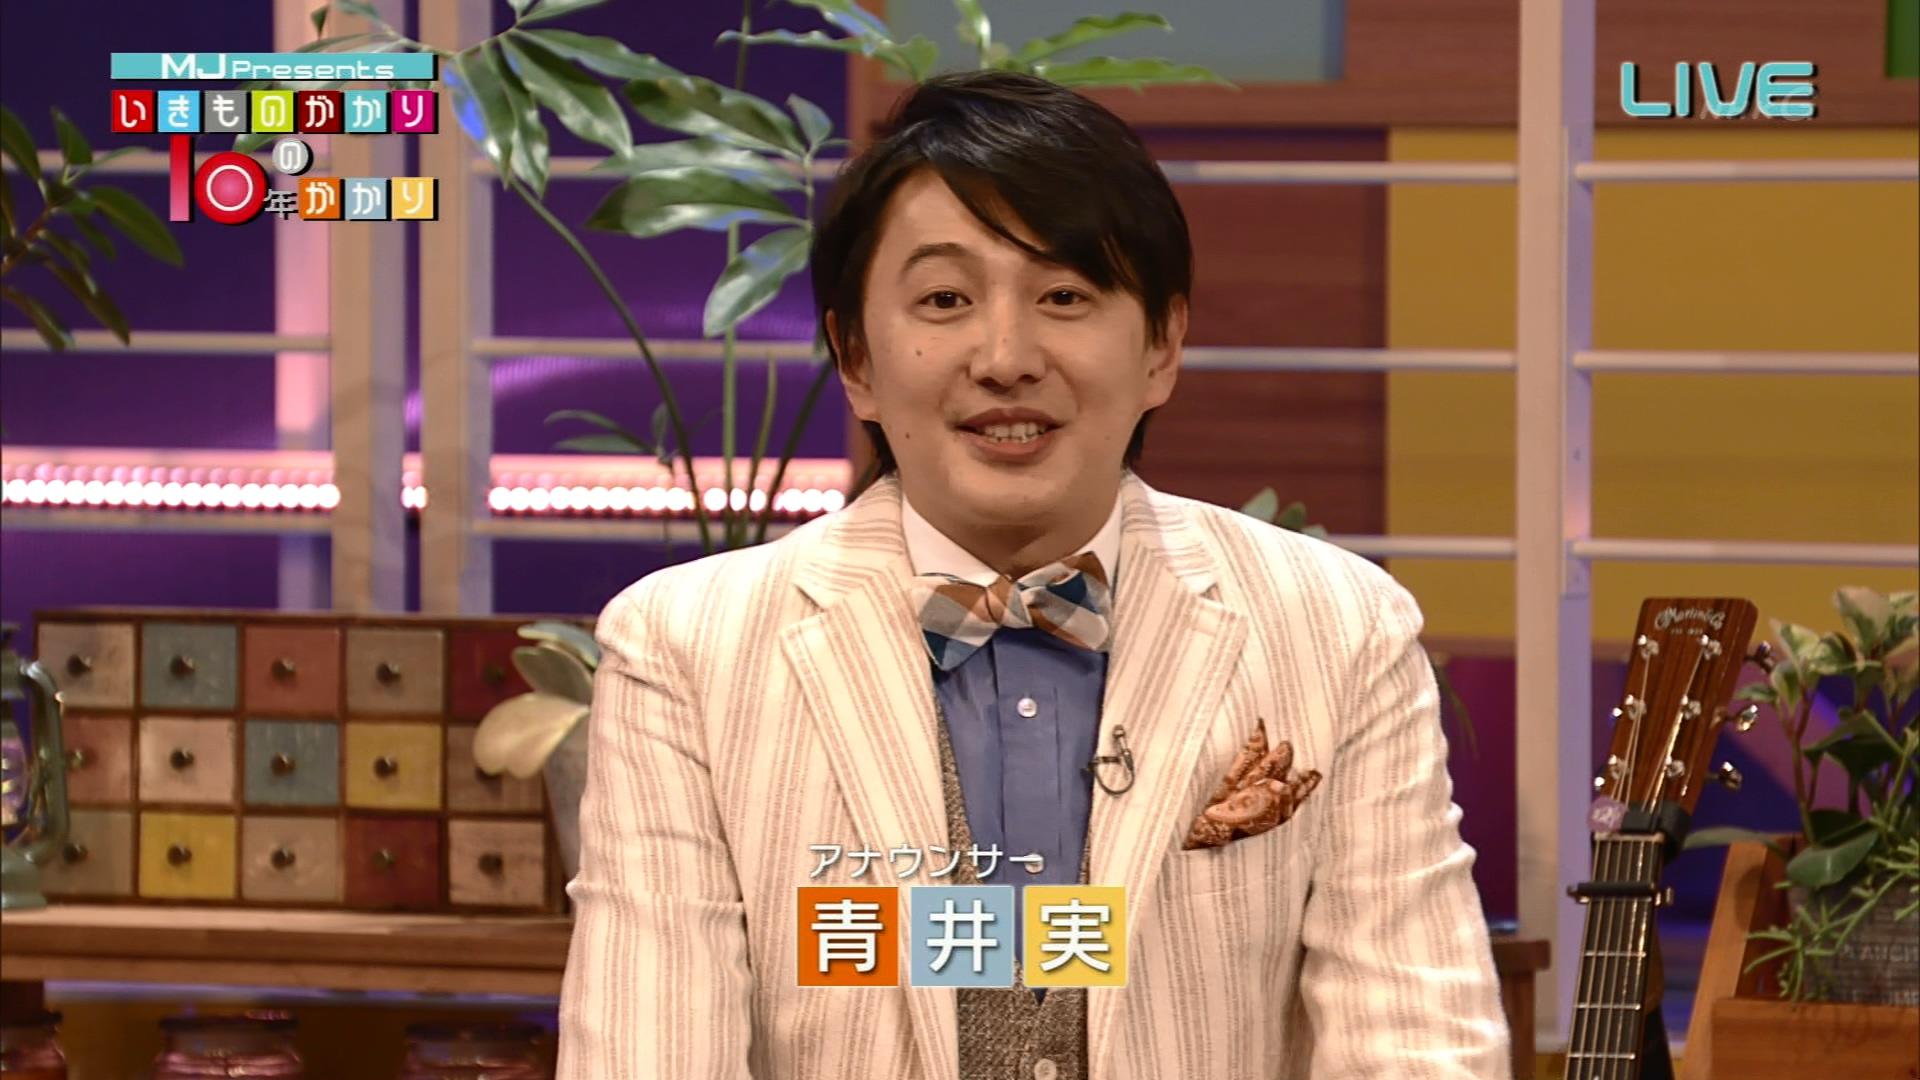 2016.03.20 いきものがかり - いきものがかりの10年がかり(MJ Presents).ts_20160321_011030.917